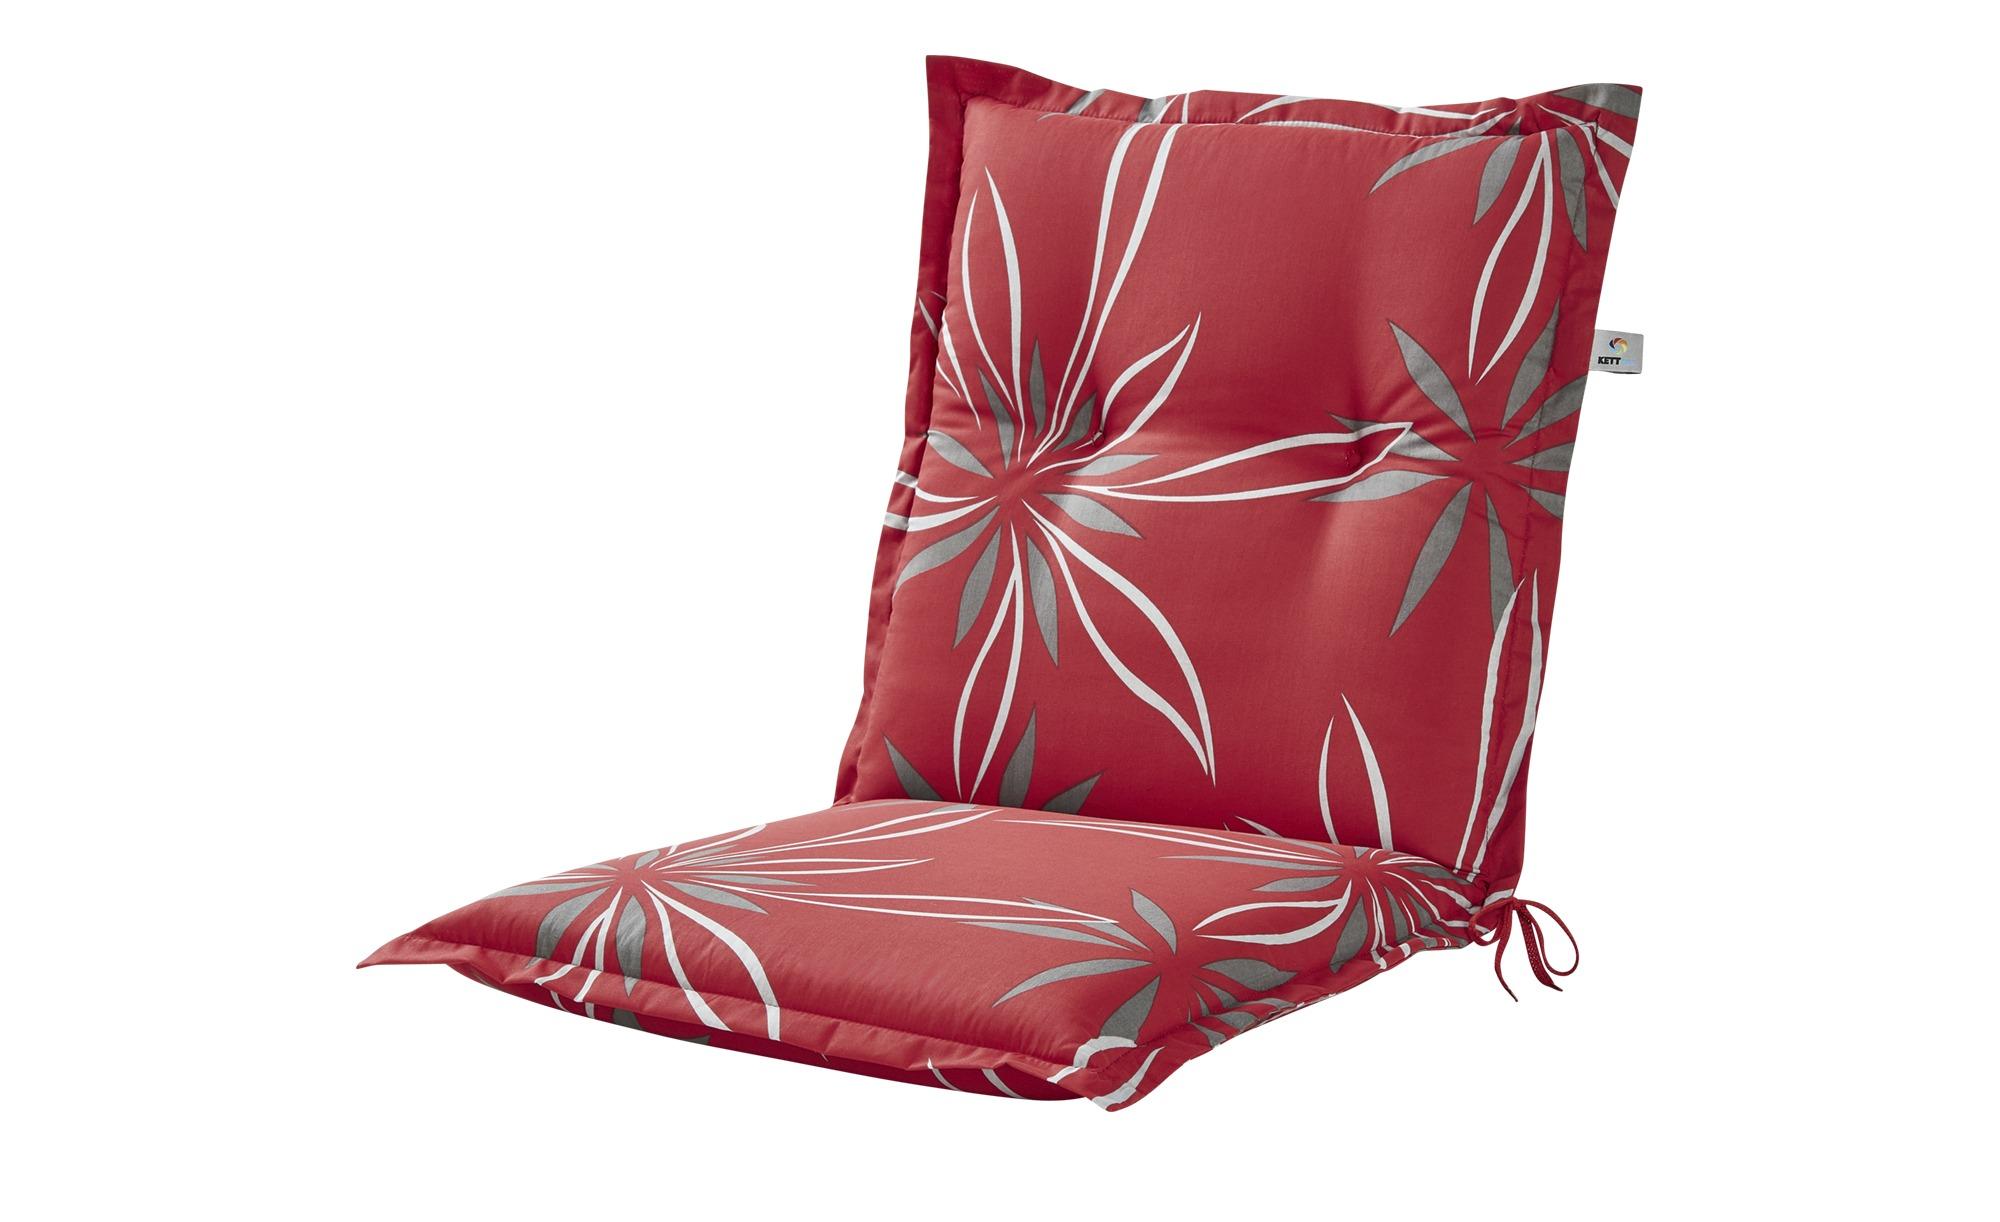 KETTLER Polska Auflage  Red Bloom ¦ rot ¦ Maße (cm): B: 50 H: 8 Garten > Auflagen & Kissen > Niederlehner-Auflagen - Höffner